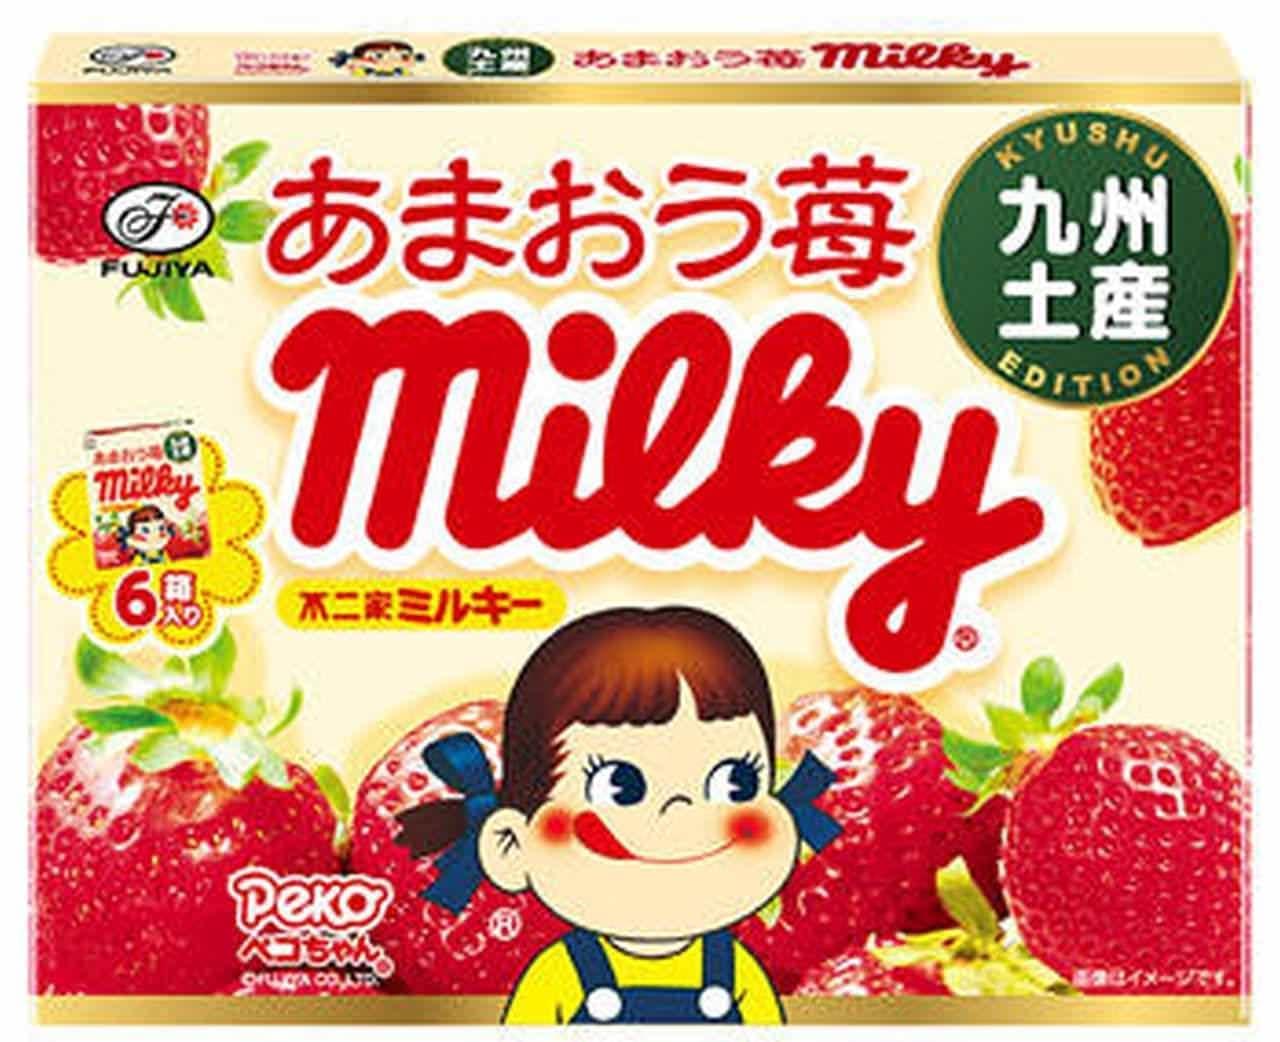 地域限定「【九州土産】ミルキー(あまおう苺)」